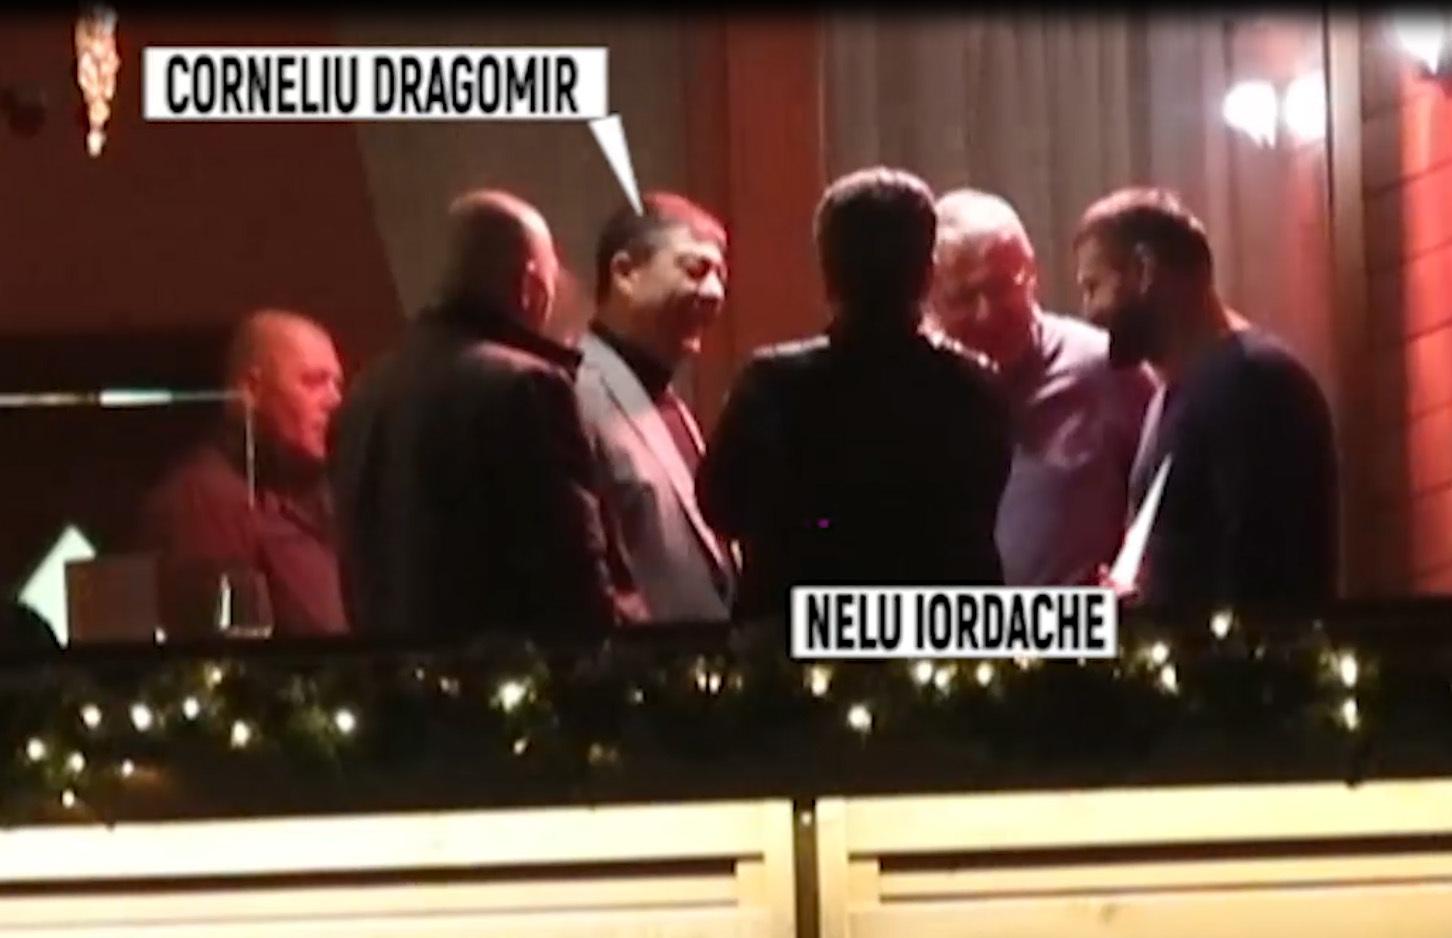 Corneliu Dragomir şi Nelu Iordache s-au mutat de la